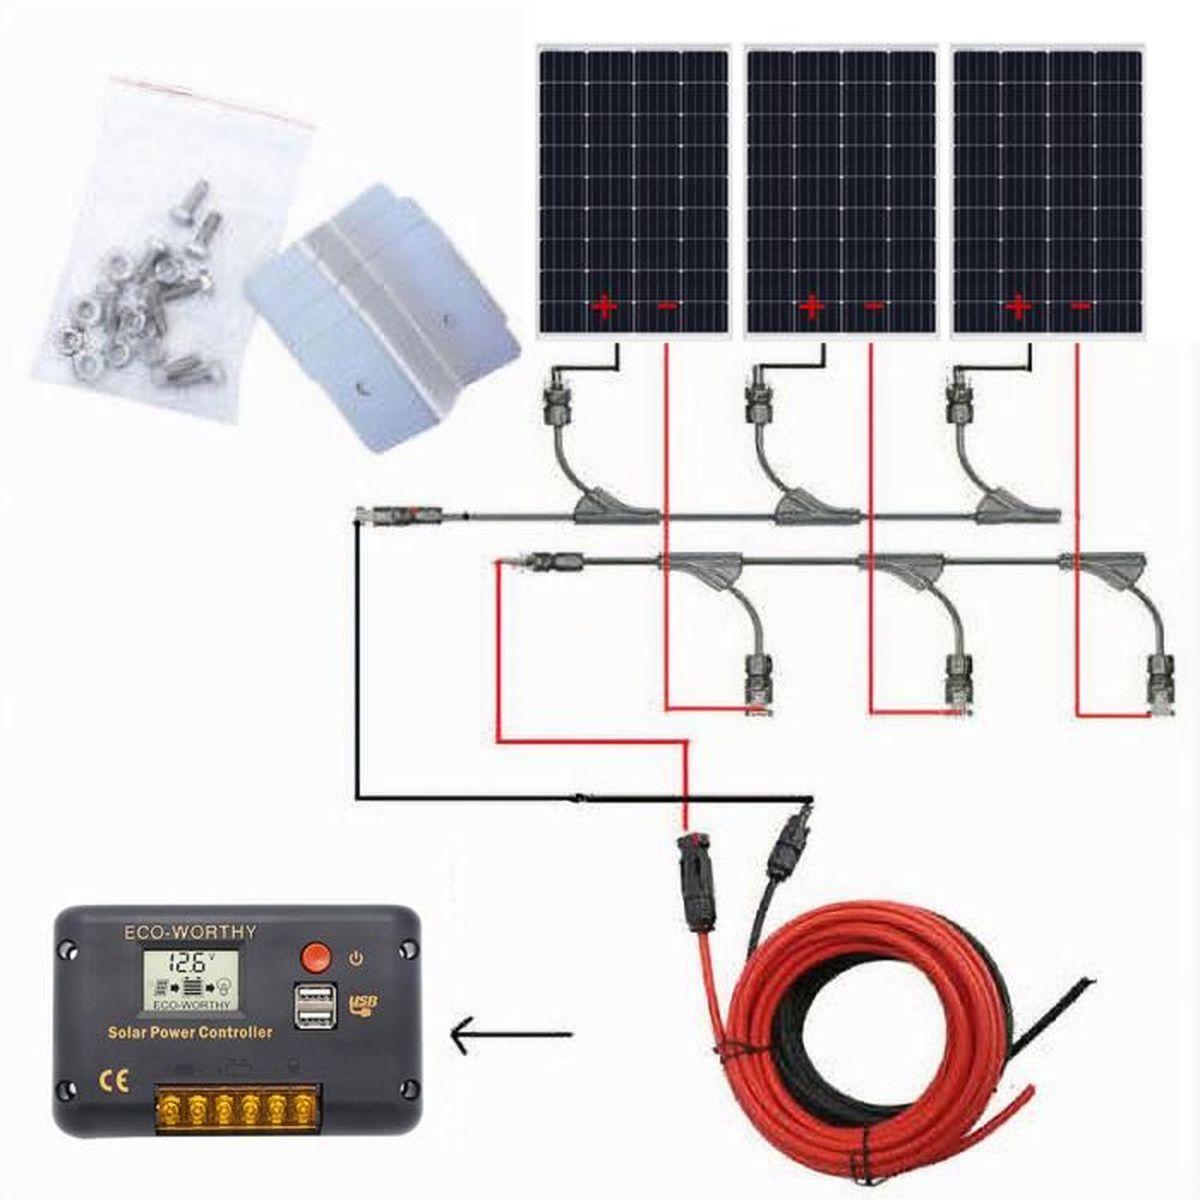 caravane contr/ôleur de charge solaire 20 A supports de montage pour bateau camping-car c/âble solaire de 5 m ECO-WORTHY Syst/ème de panneau solaire 12 V : panneau solaire mono 120 W